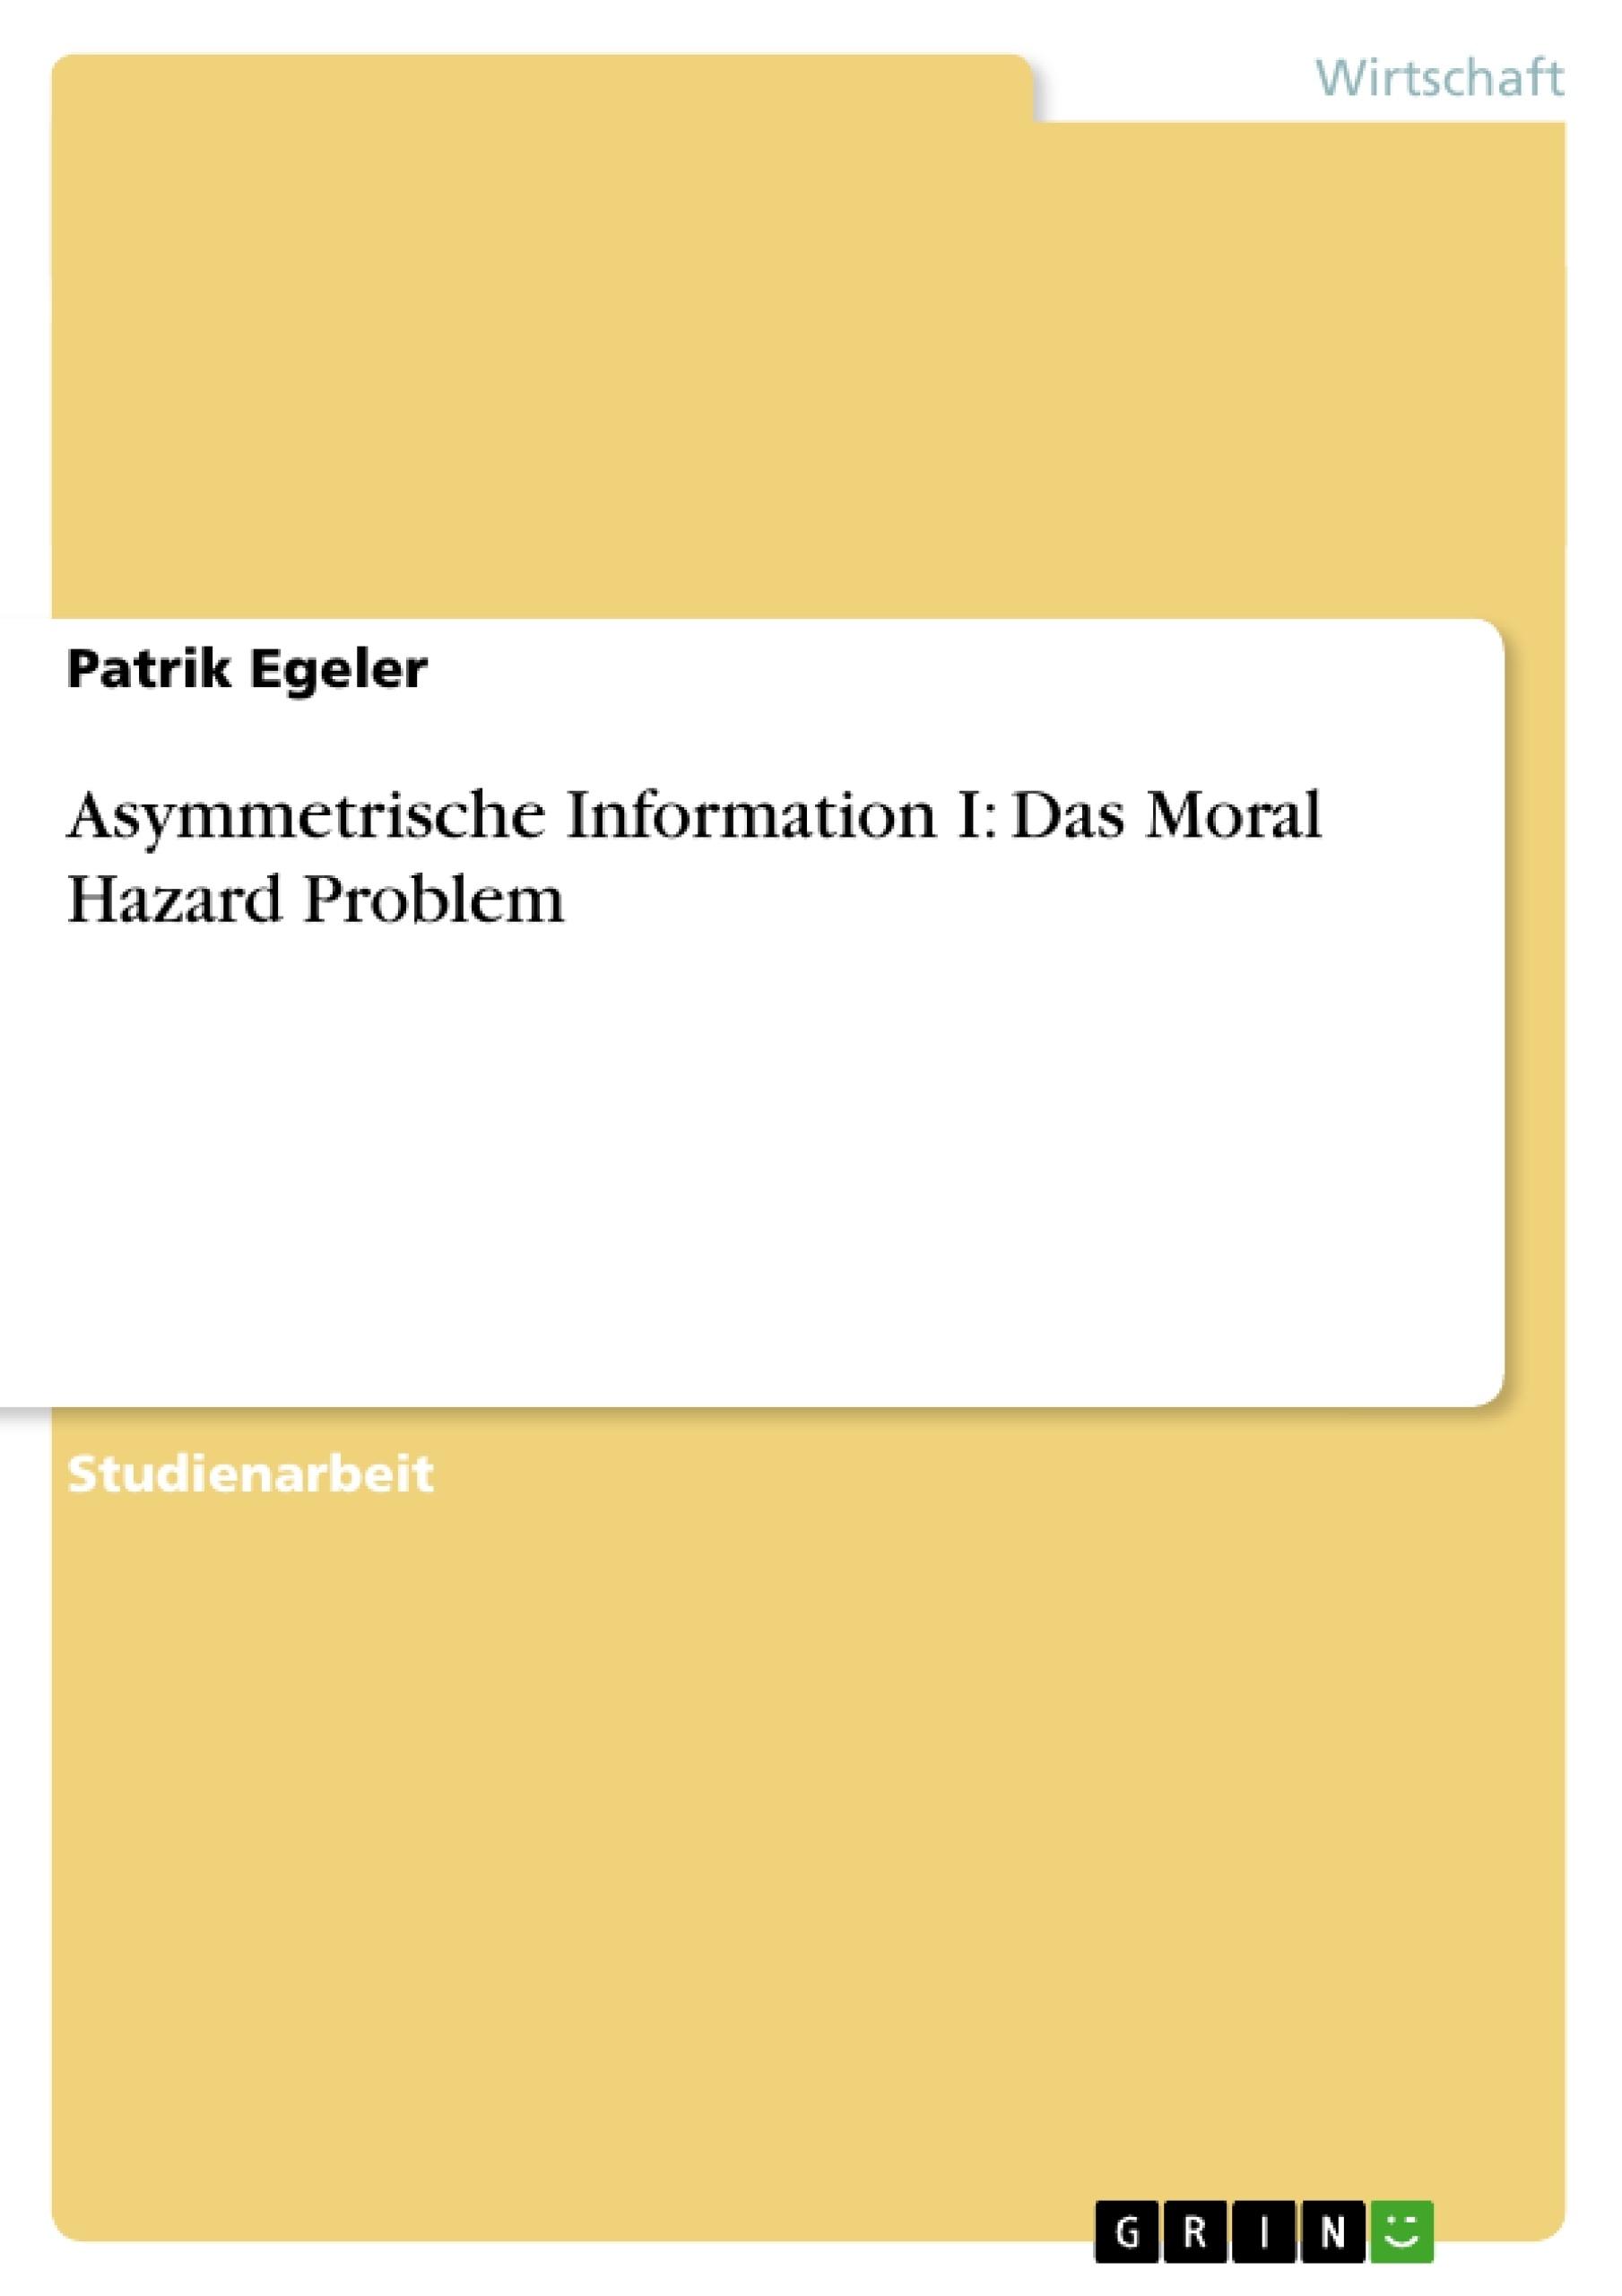 moral hazard essay Moral hazard beschreibt die veränderung des verhaltens und des leistungs- anspruchs in bezug auf die inanspruchnahme von  essay, 16 seiten.